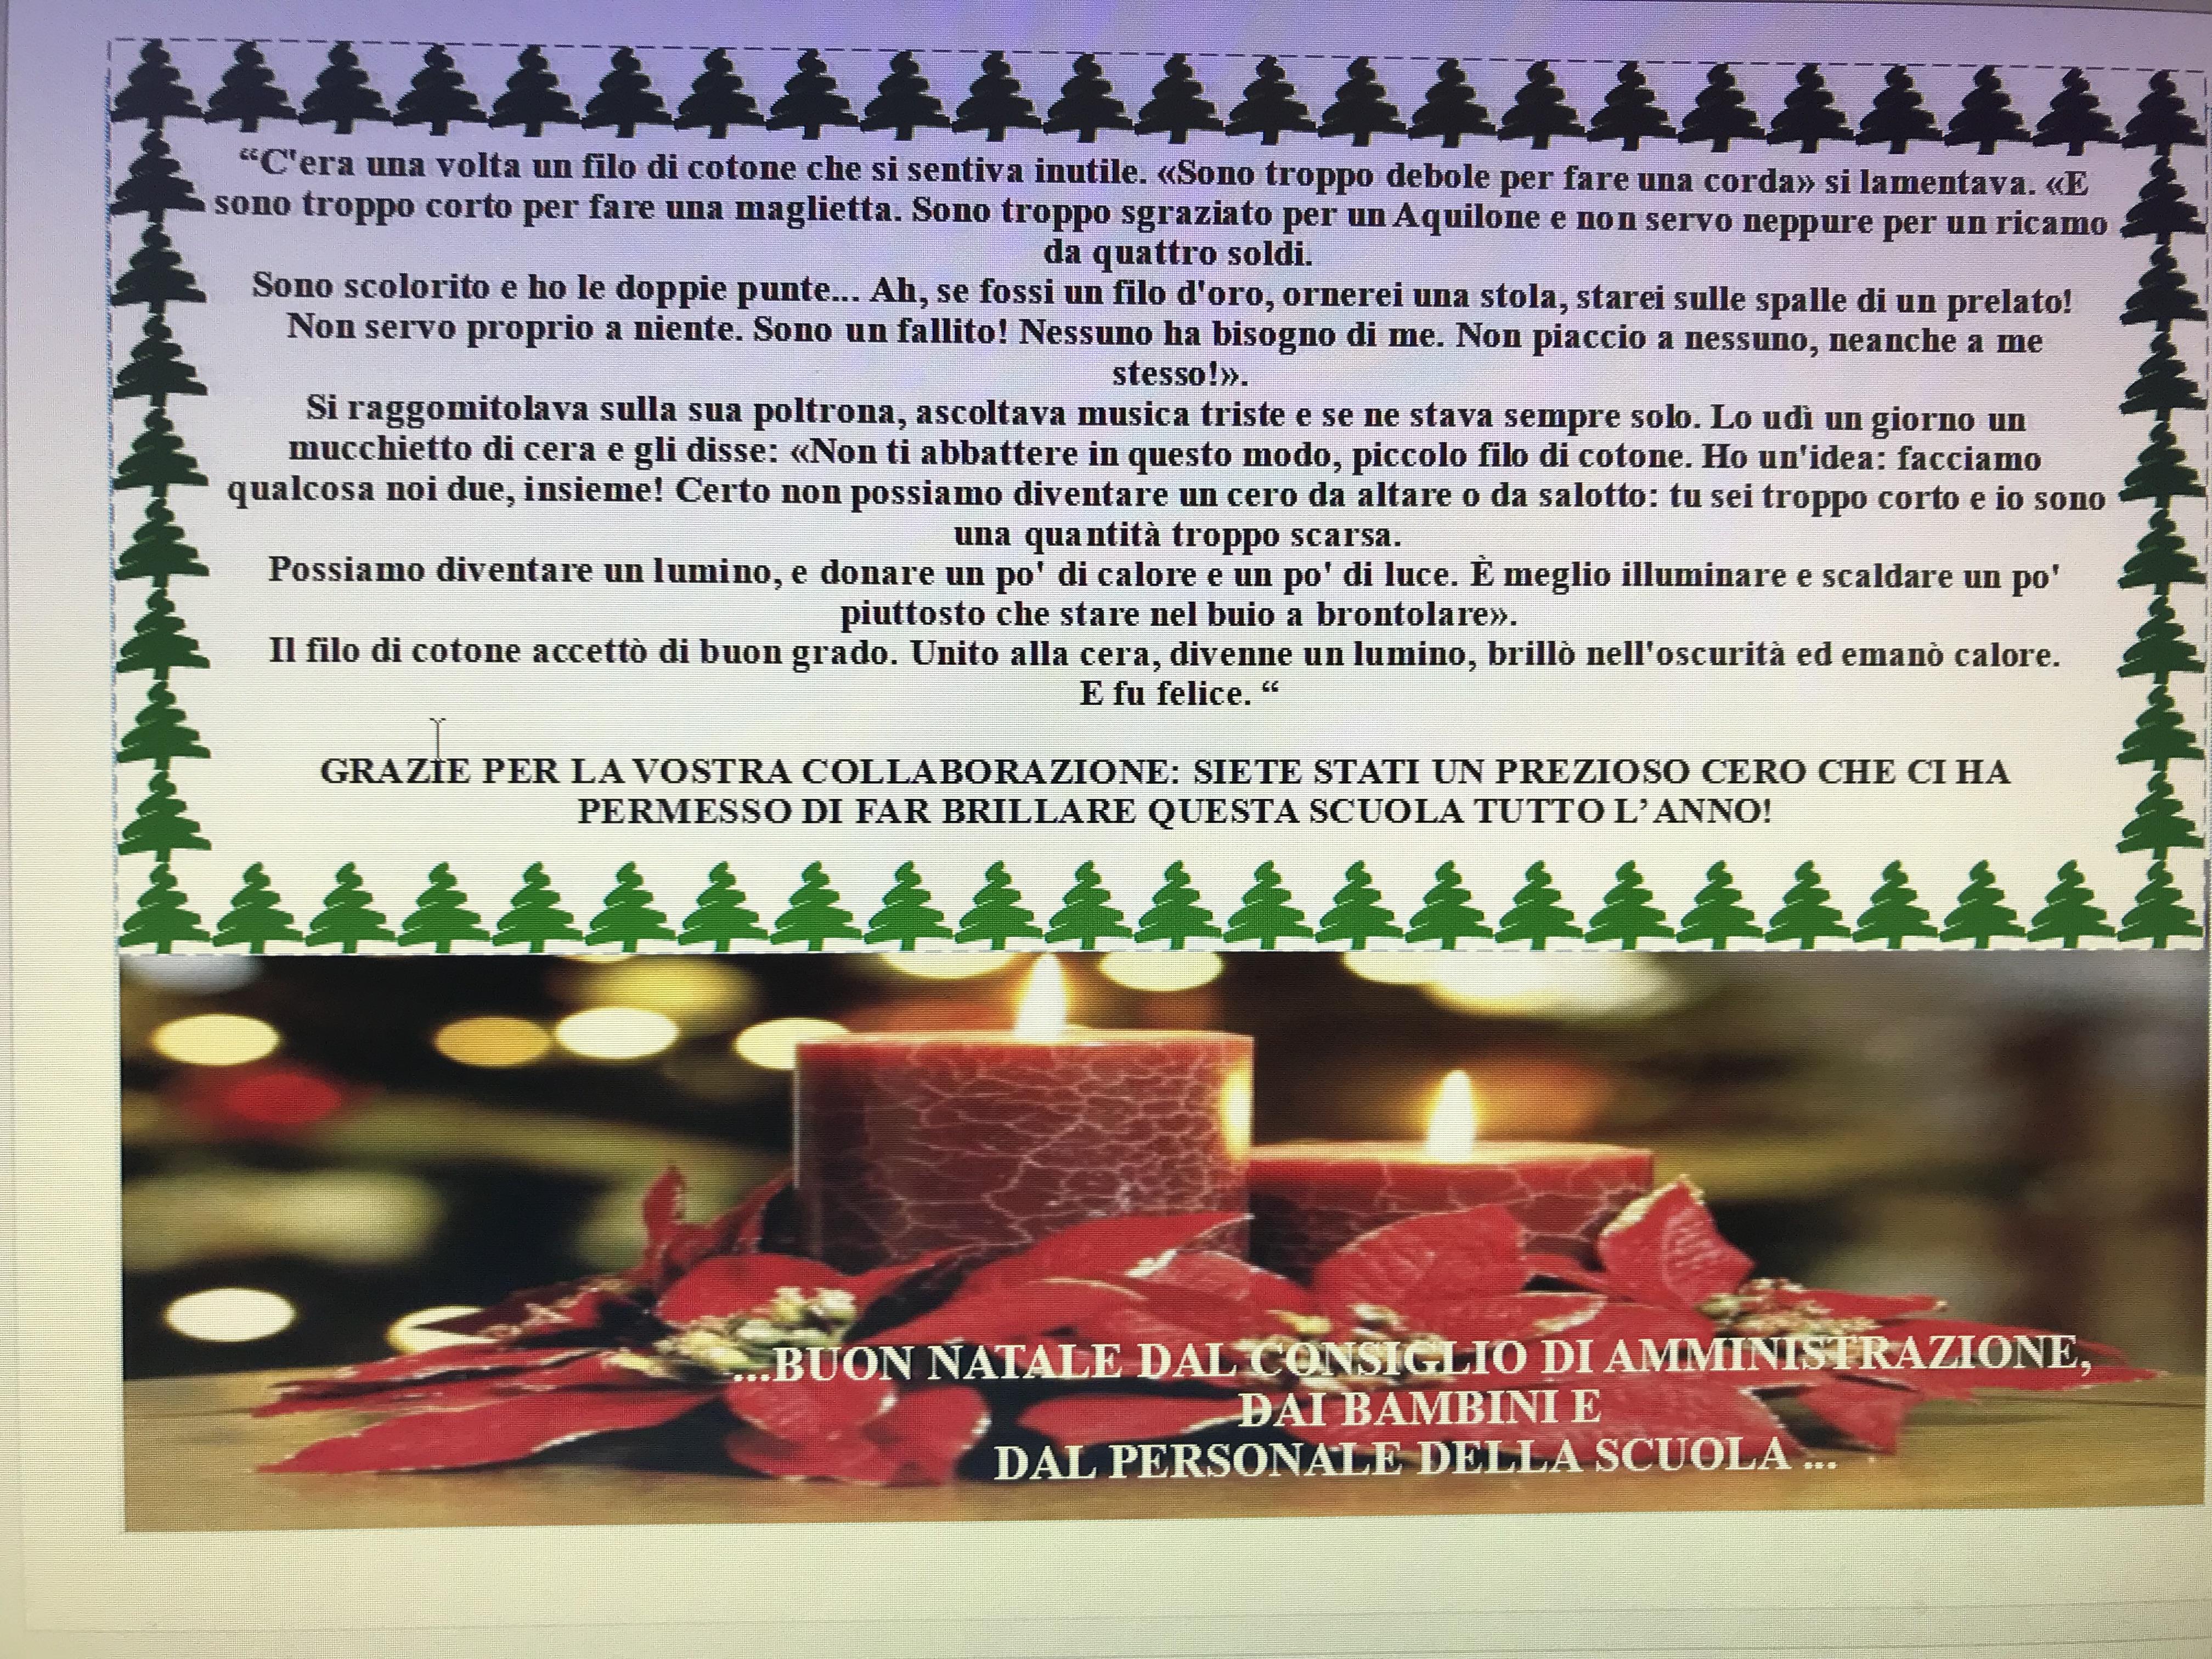 Auguri Di Buon Natale E Buon Anno.Auguri Di Buon Natale E Felice Anno Nuovo Scuola Dell Infanzia Di Anzano Del Parco